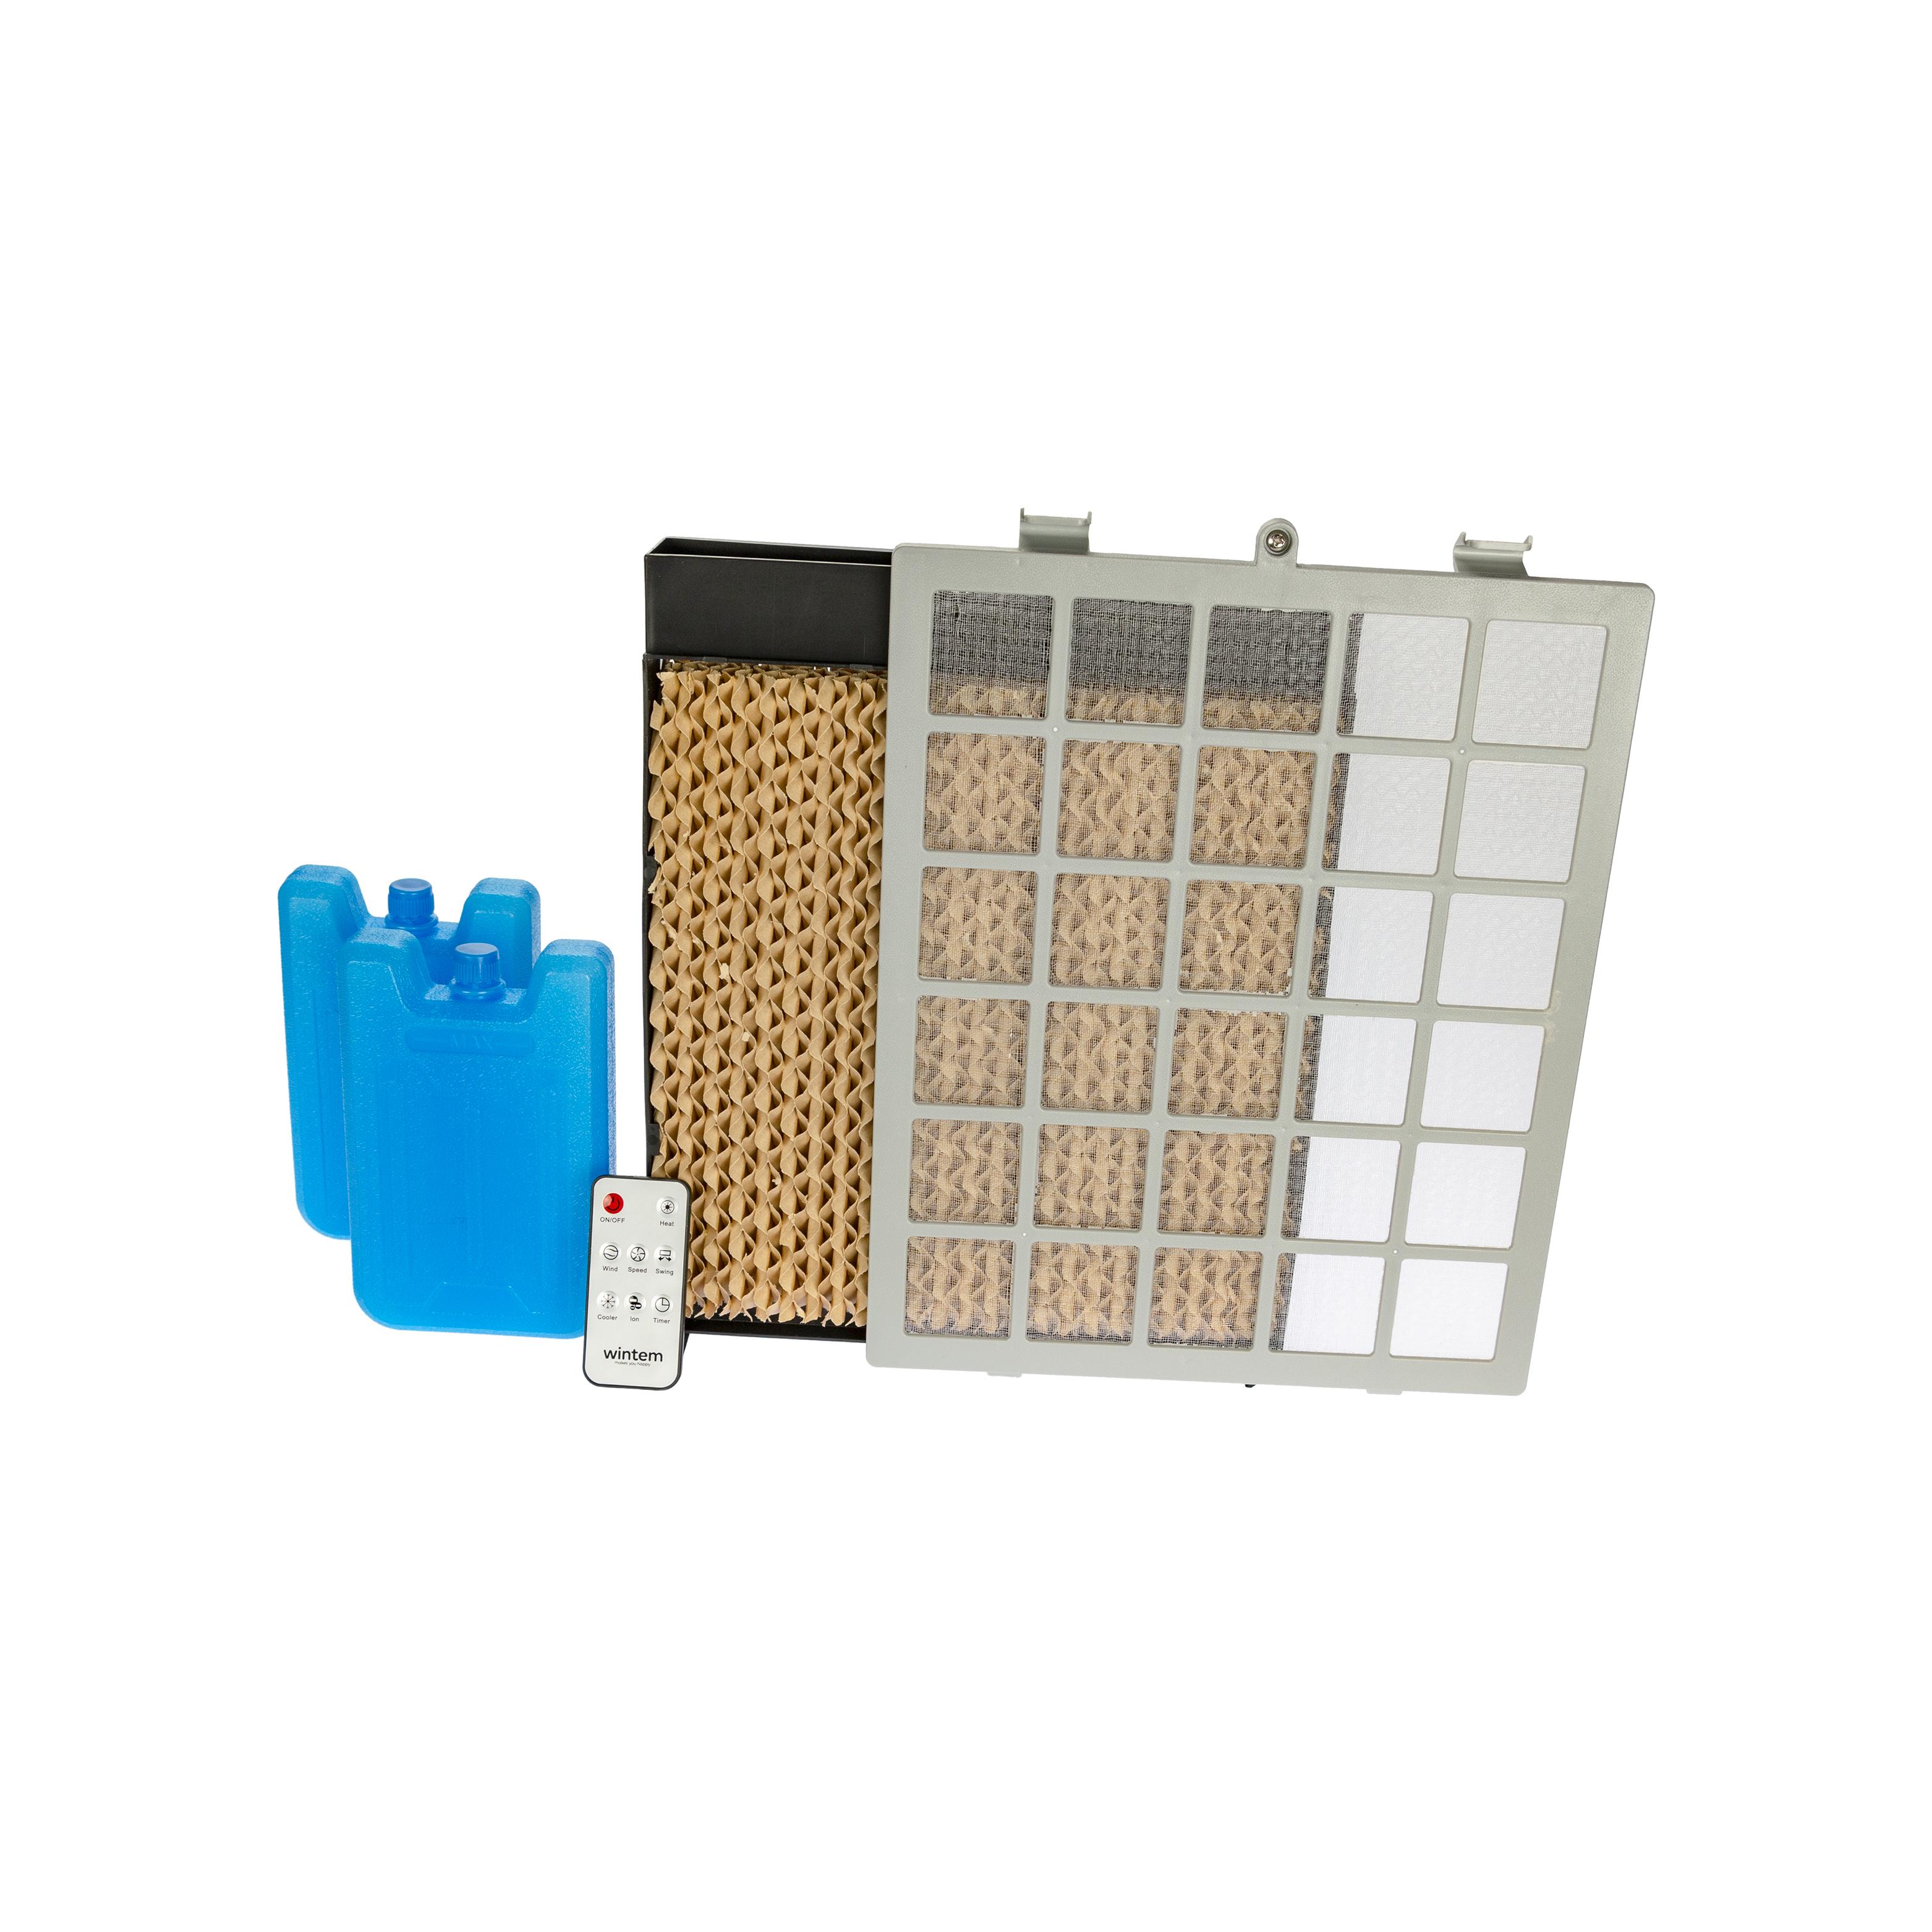 Horus Climatizzatore Portatile 2000 Watt Raffrescatore Aria Calda Fredda Wintem 10